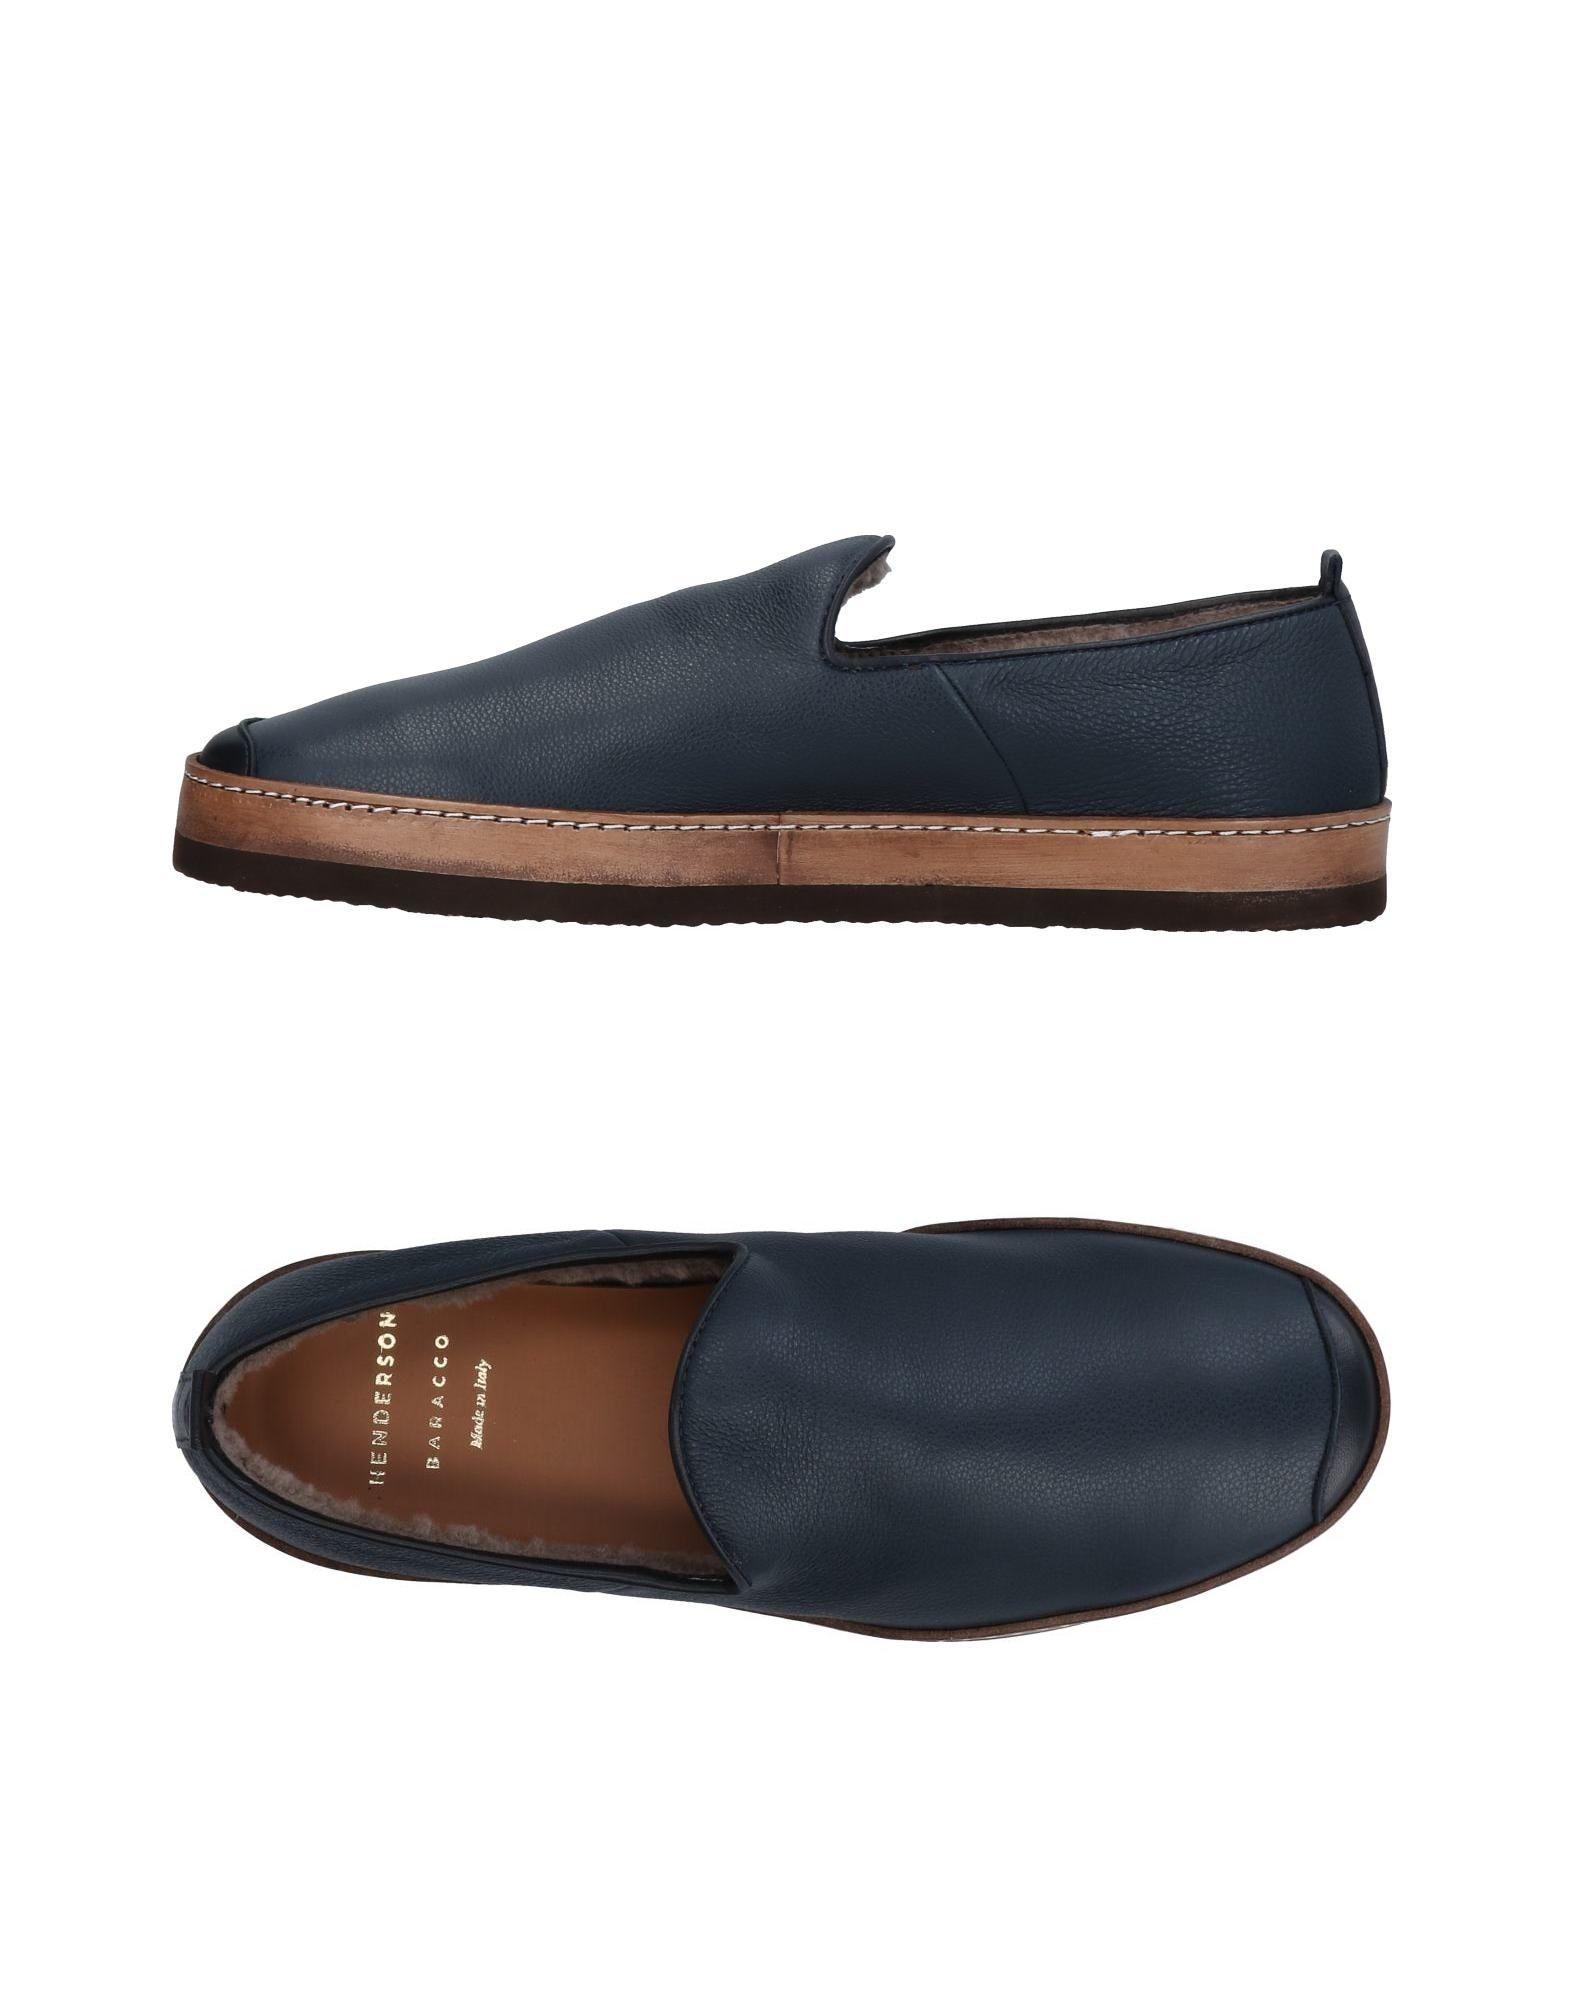 Sneakers Henderson Uomo - 11452346WW Scarpe economiche e buone